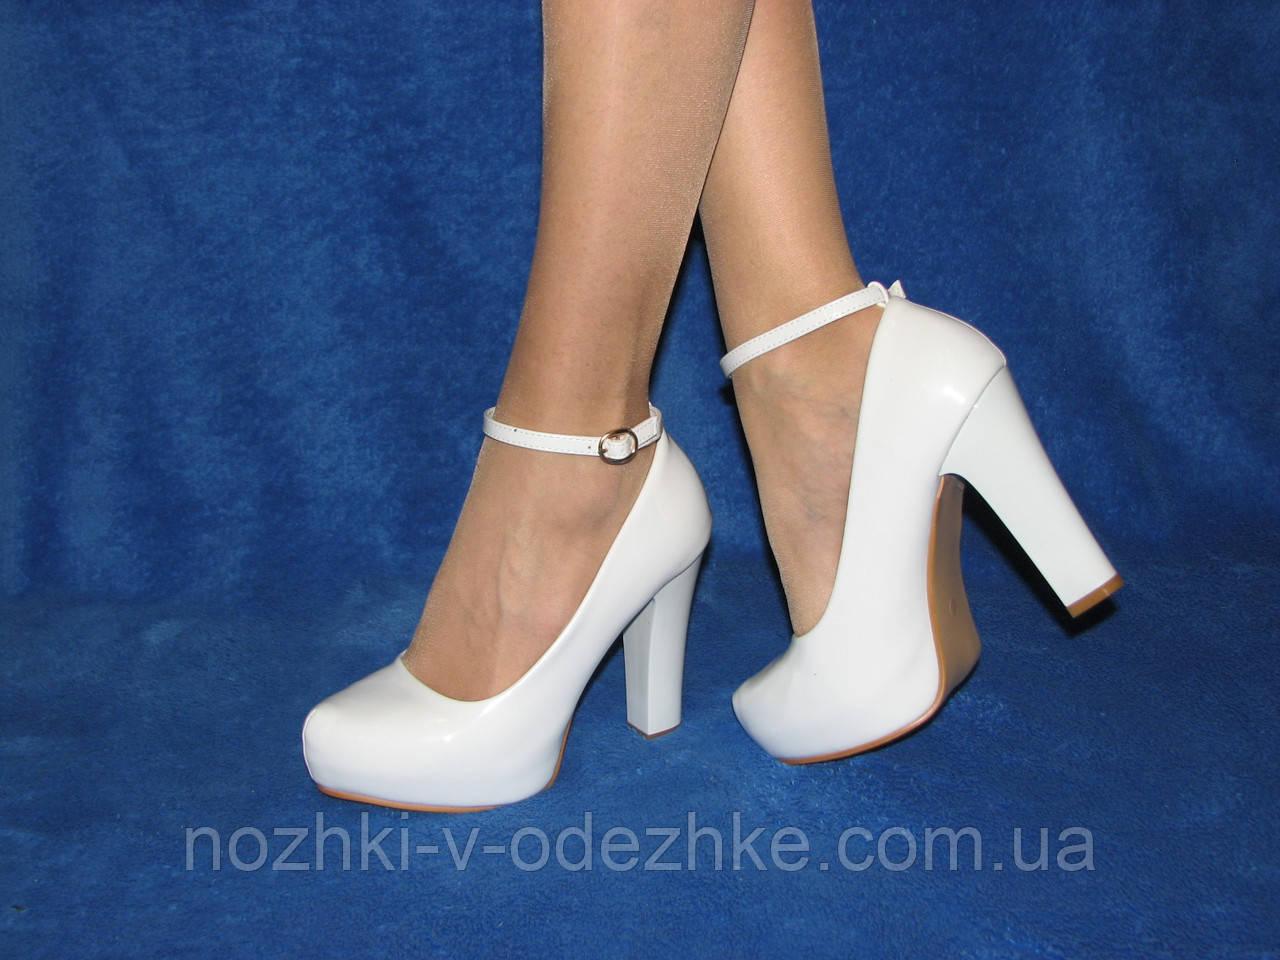 febf4b2a3 Женские белые свадебные туфли на высоком каблуке для невесты 40 - Интернет  магазин